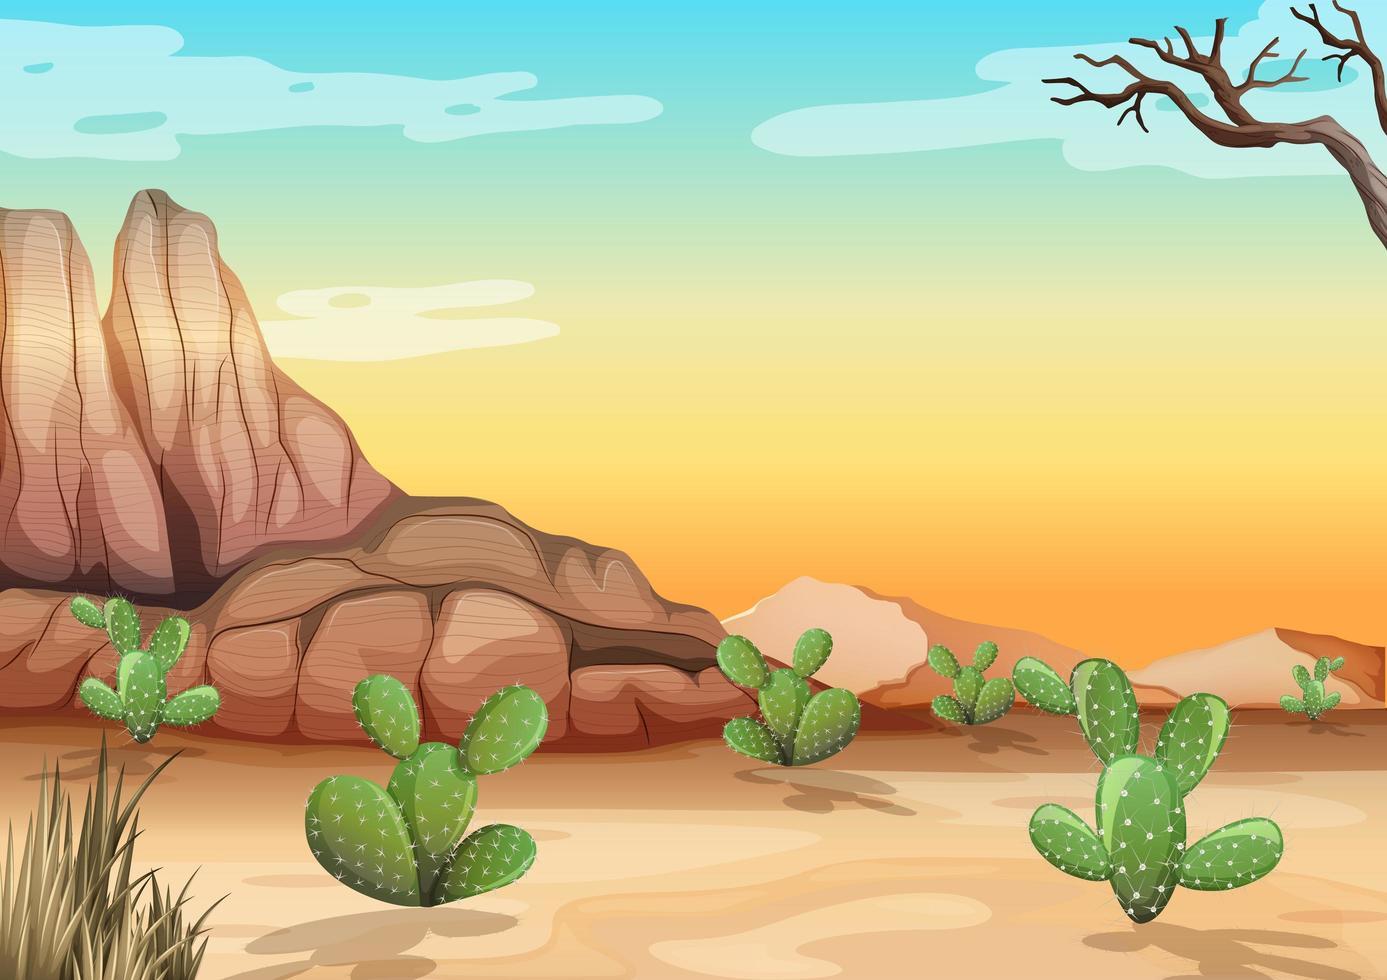 désert avec montagnes rocheuses et cactus vecteur